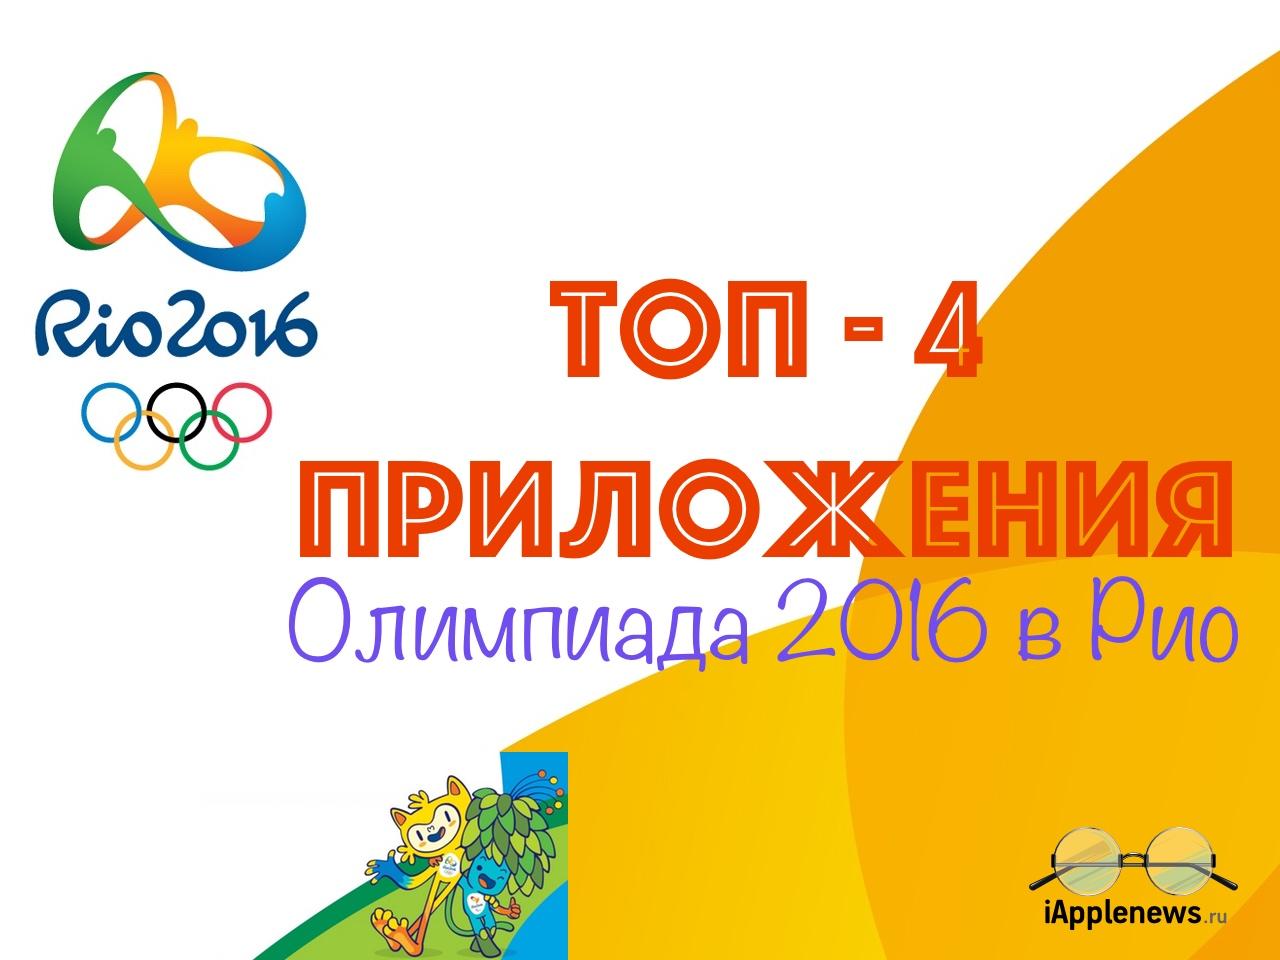 Новое видео на нашем YouTube канале — ТОП — 4 приложения iOS для Олимпийских Игр 2016 в Рио